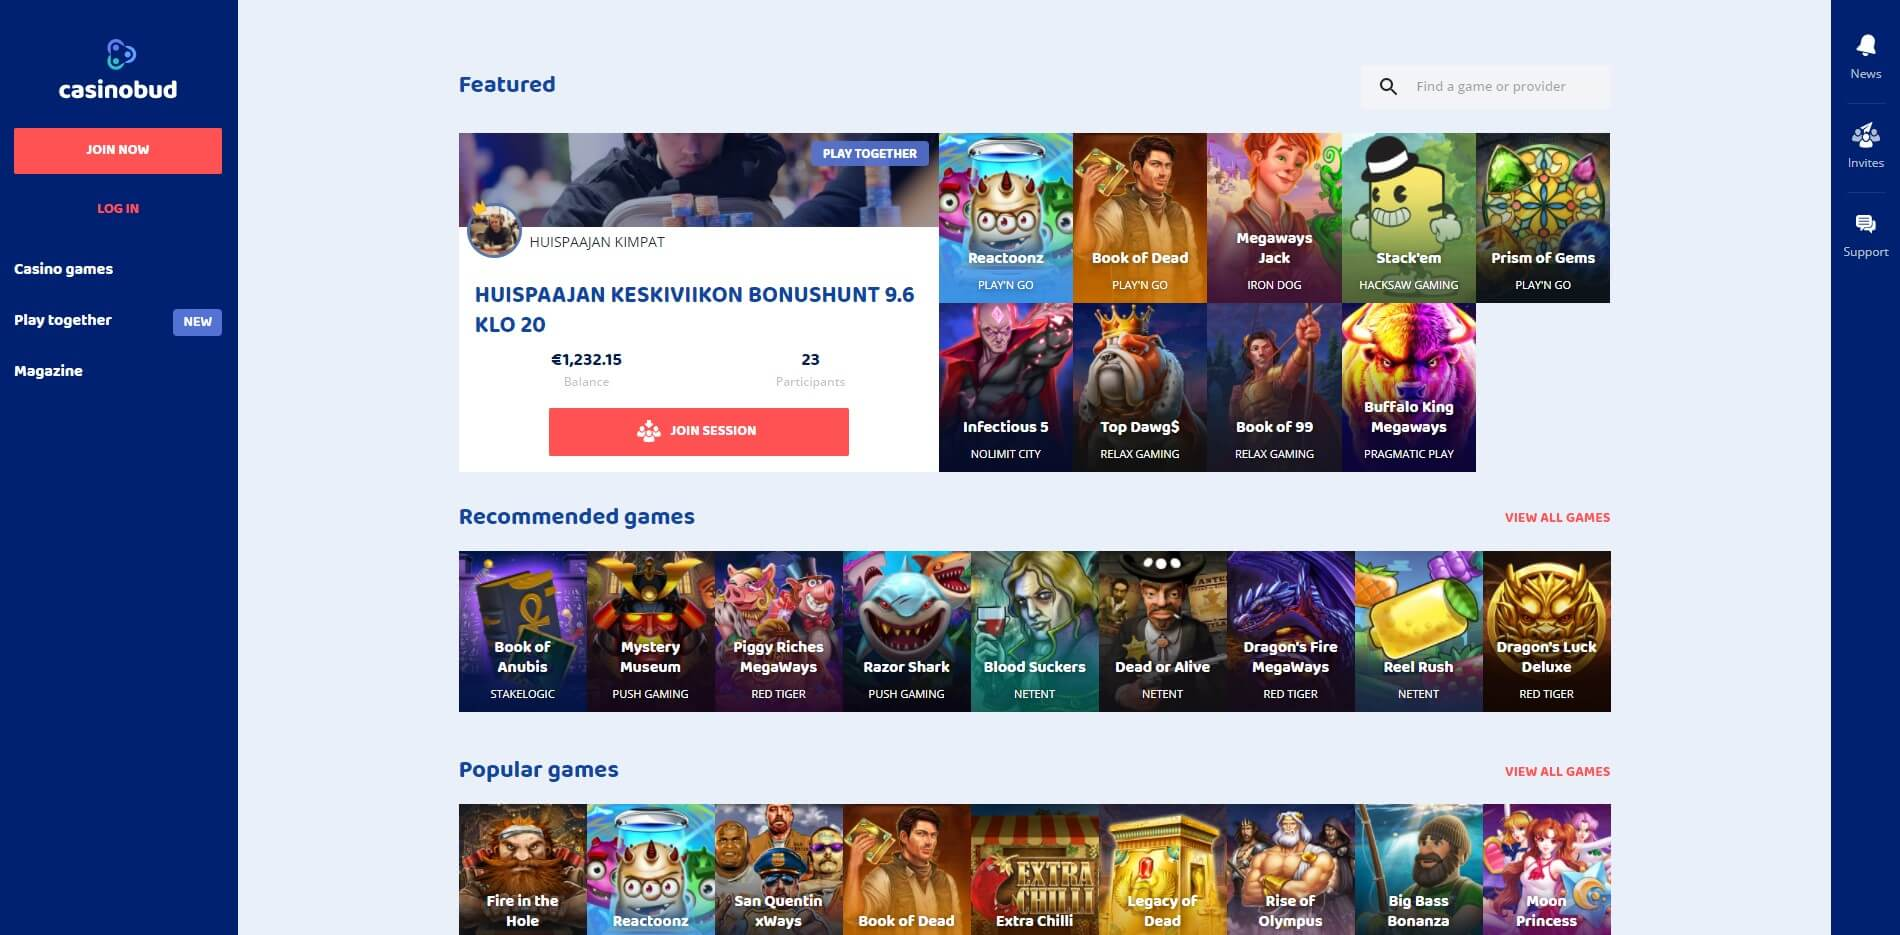 Games at CasinoBud